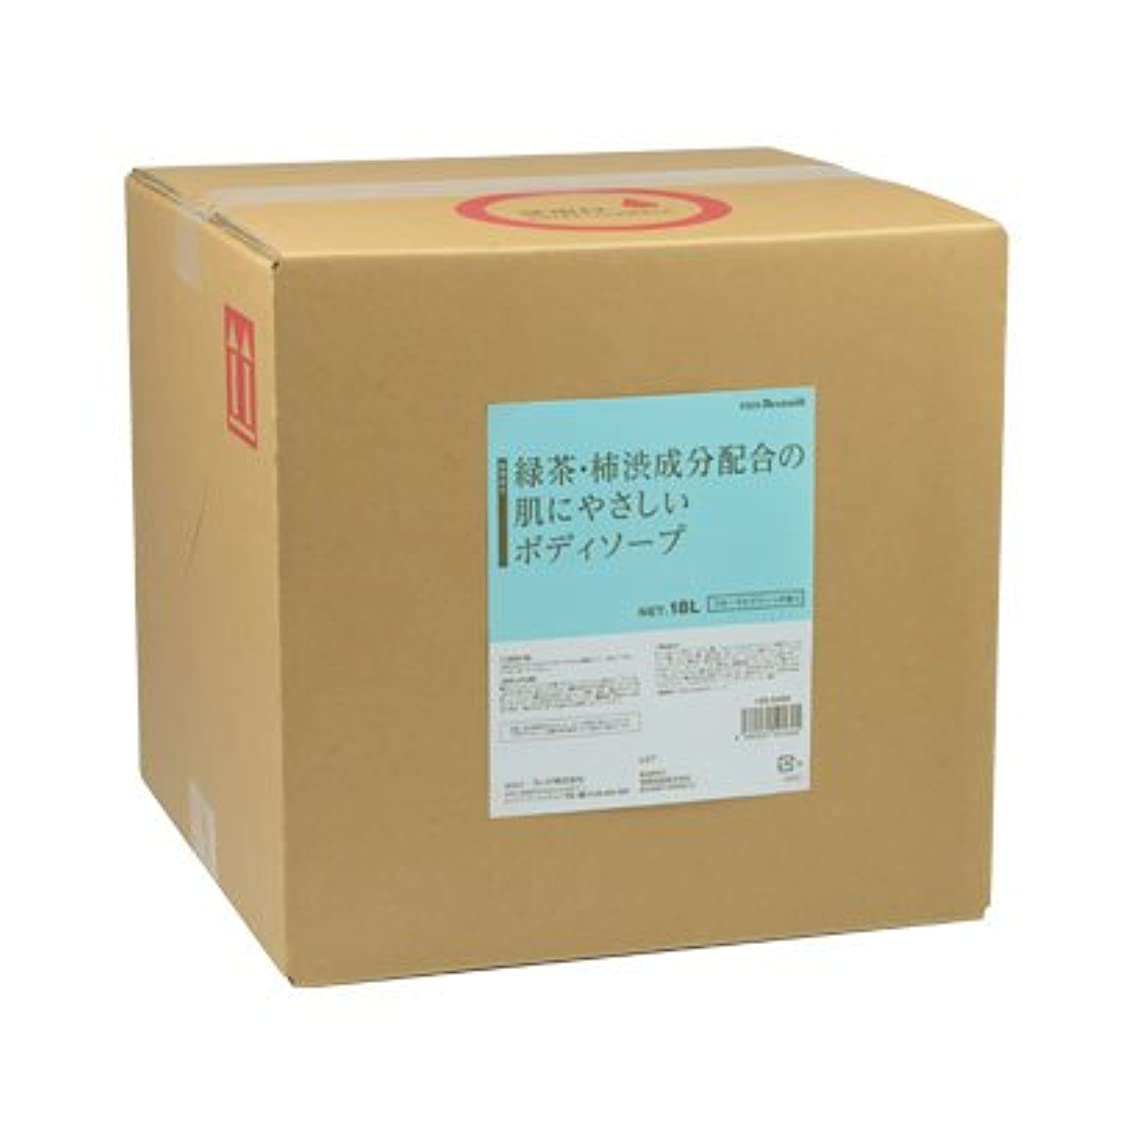 飢えトレイルパワーセル【業務用】 FEED(フィード) 緑茶?柿渋成分配合の肌にやさしいボディソープ/18L 石けん 入数 1ケース